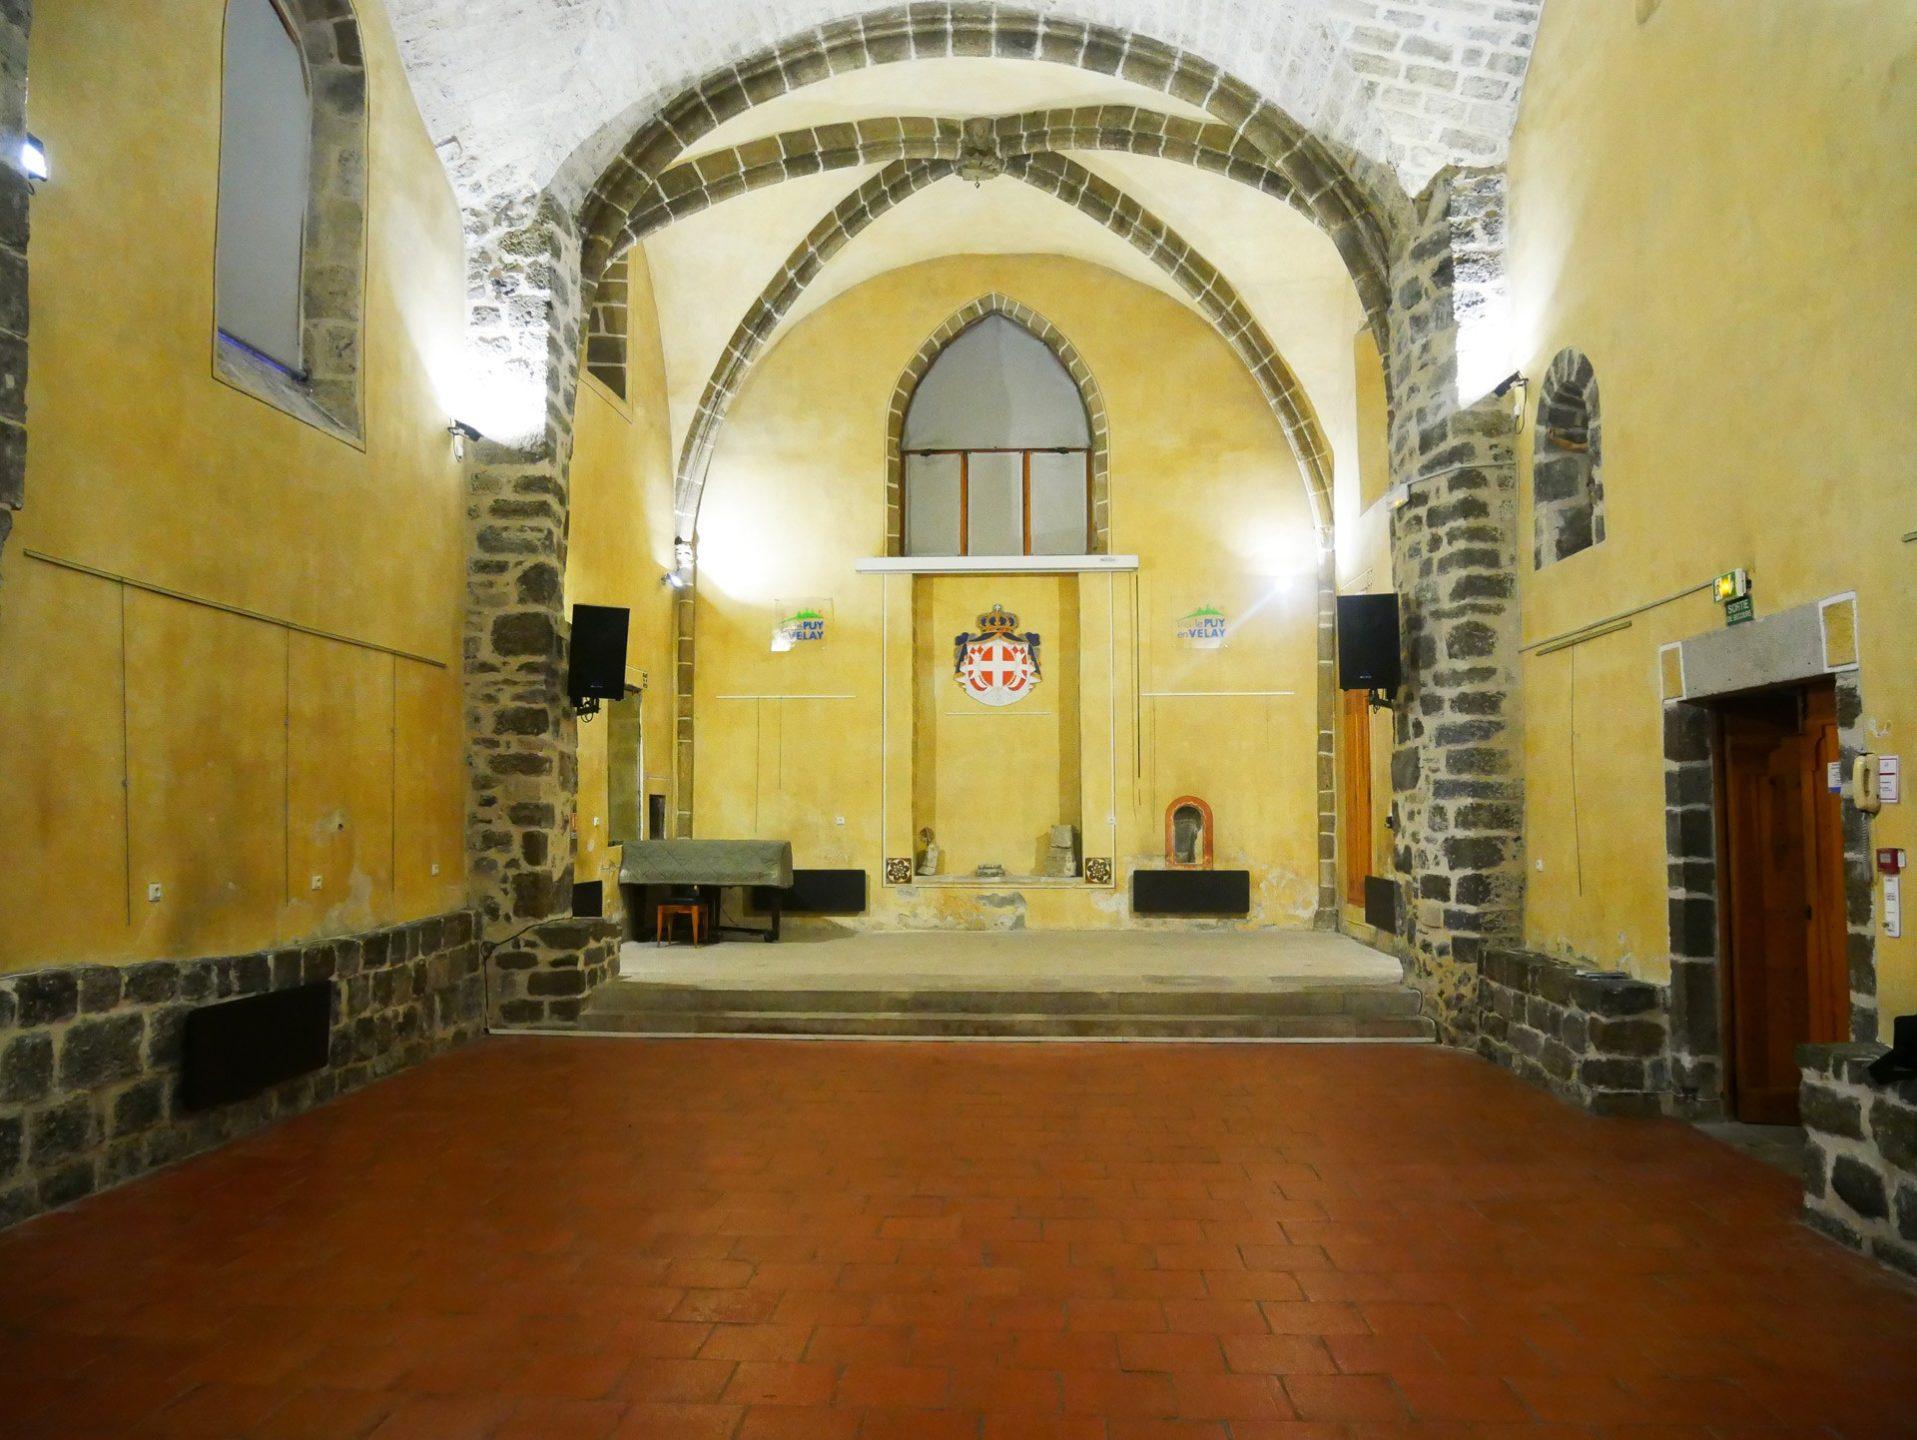 Salle de la Commanderie Saint-Jean au Puy-en-Velay